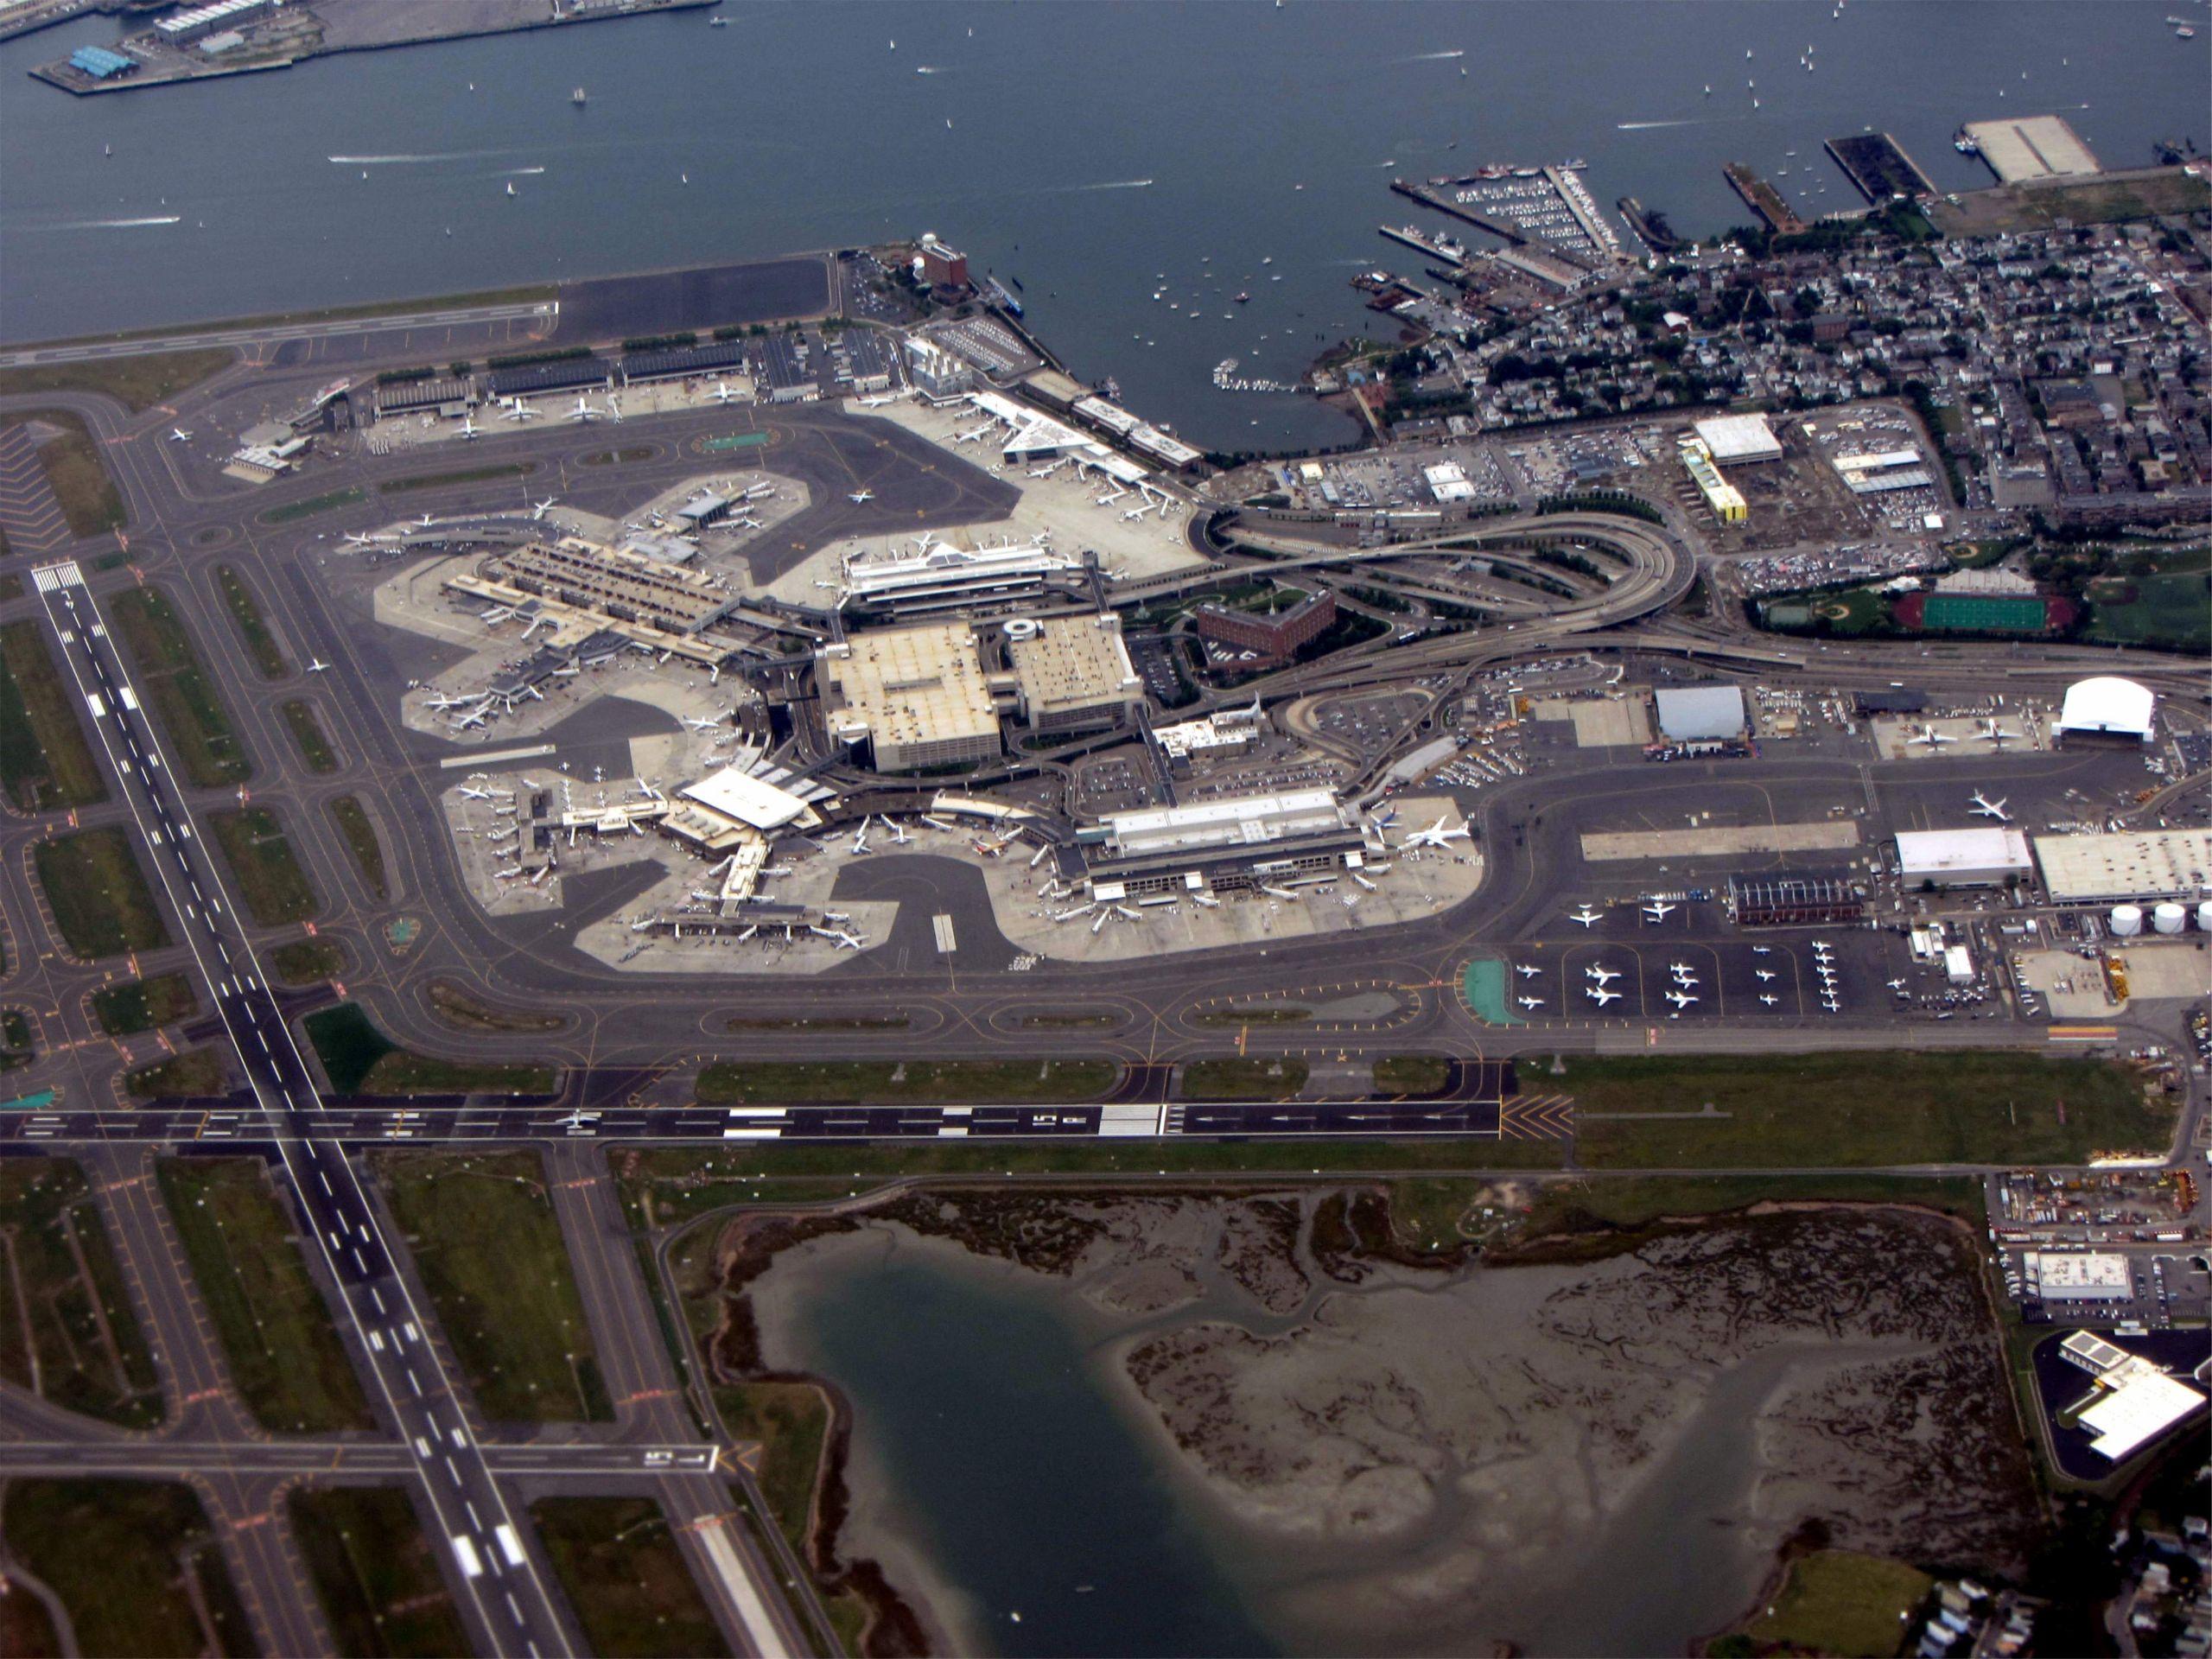 Logan Airport aerial view